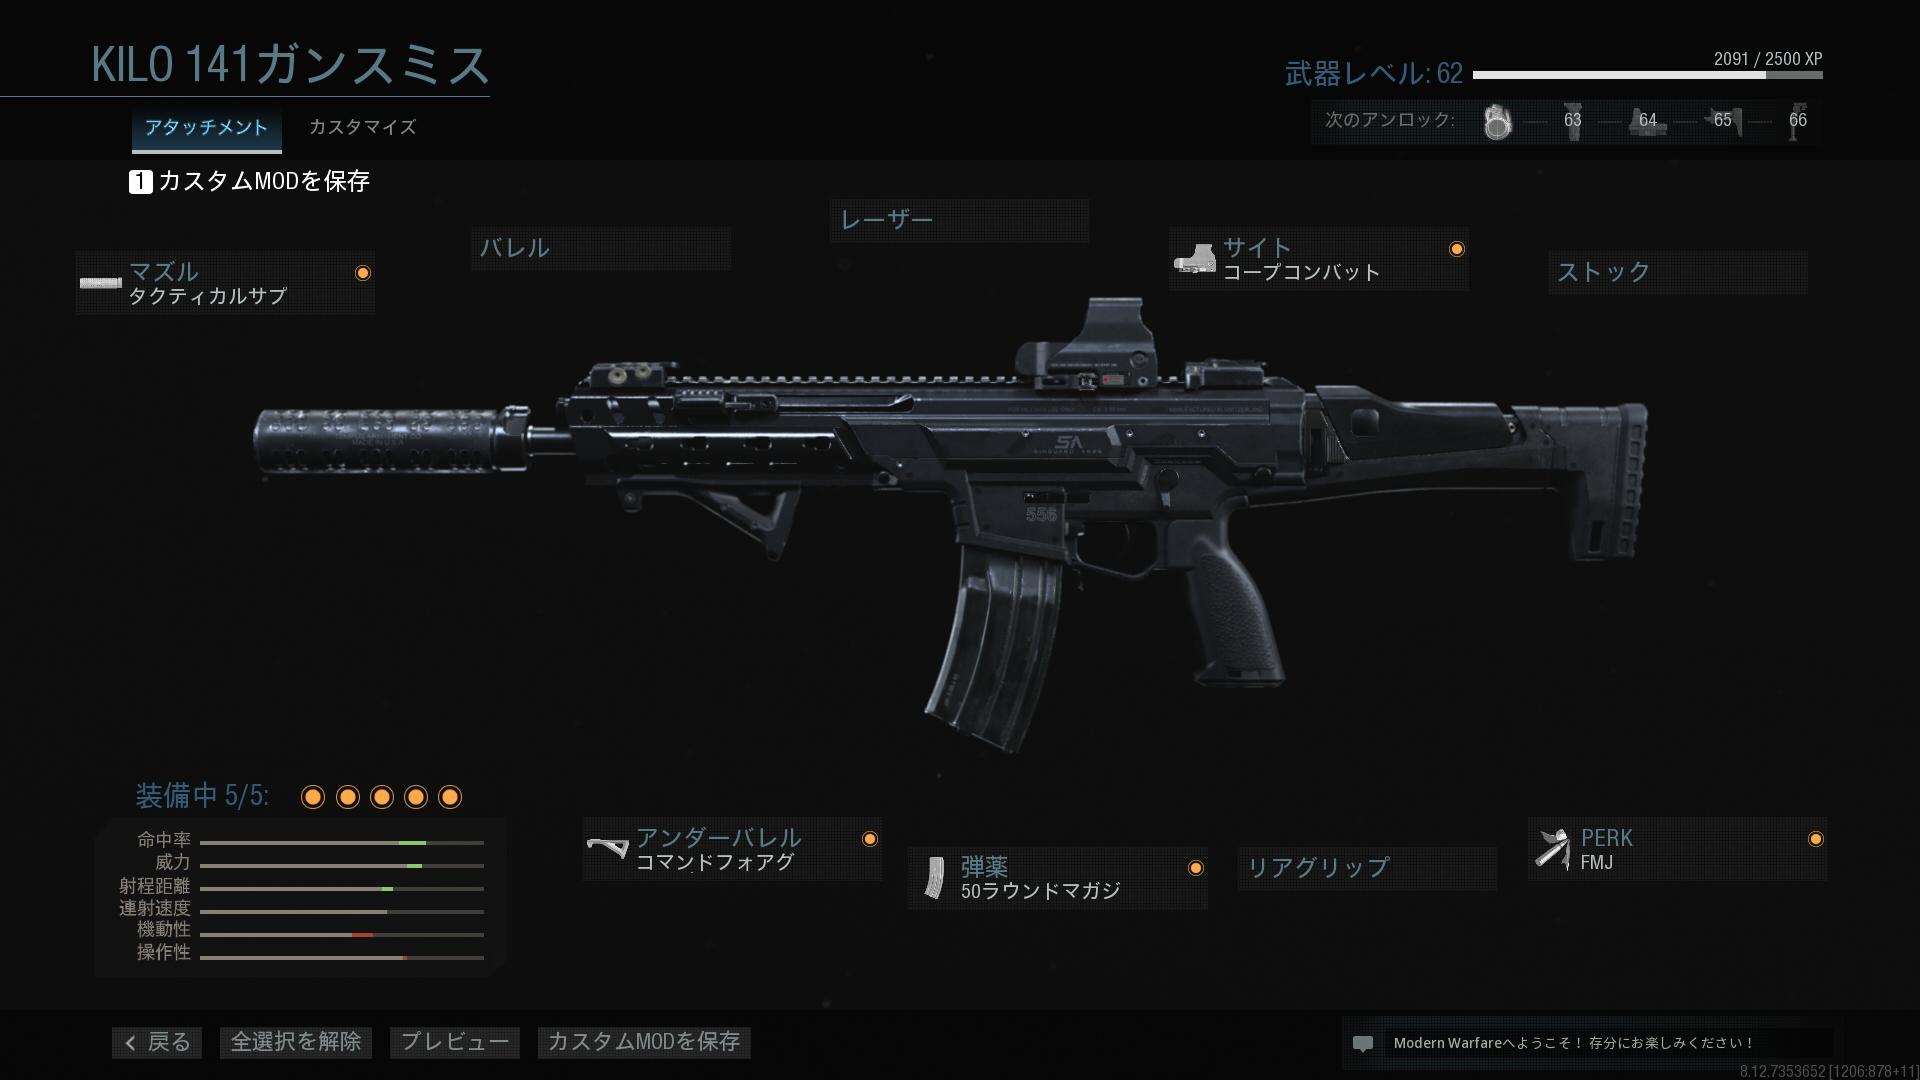 アタッチメント Cod mw 【COD MW】Kar98k